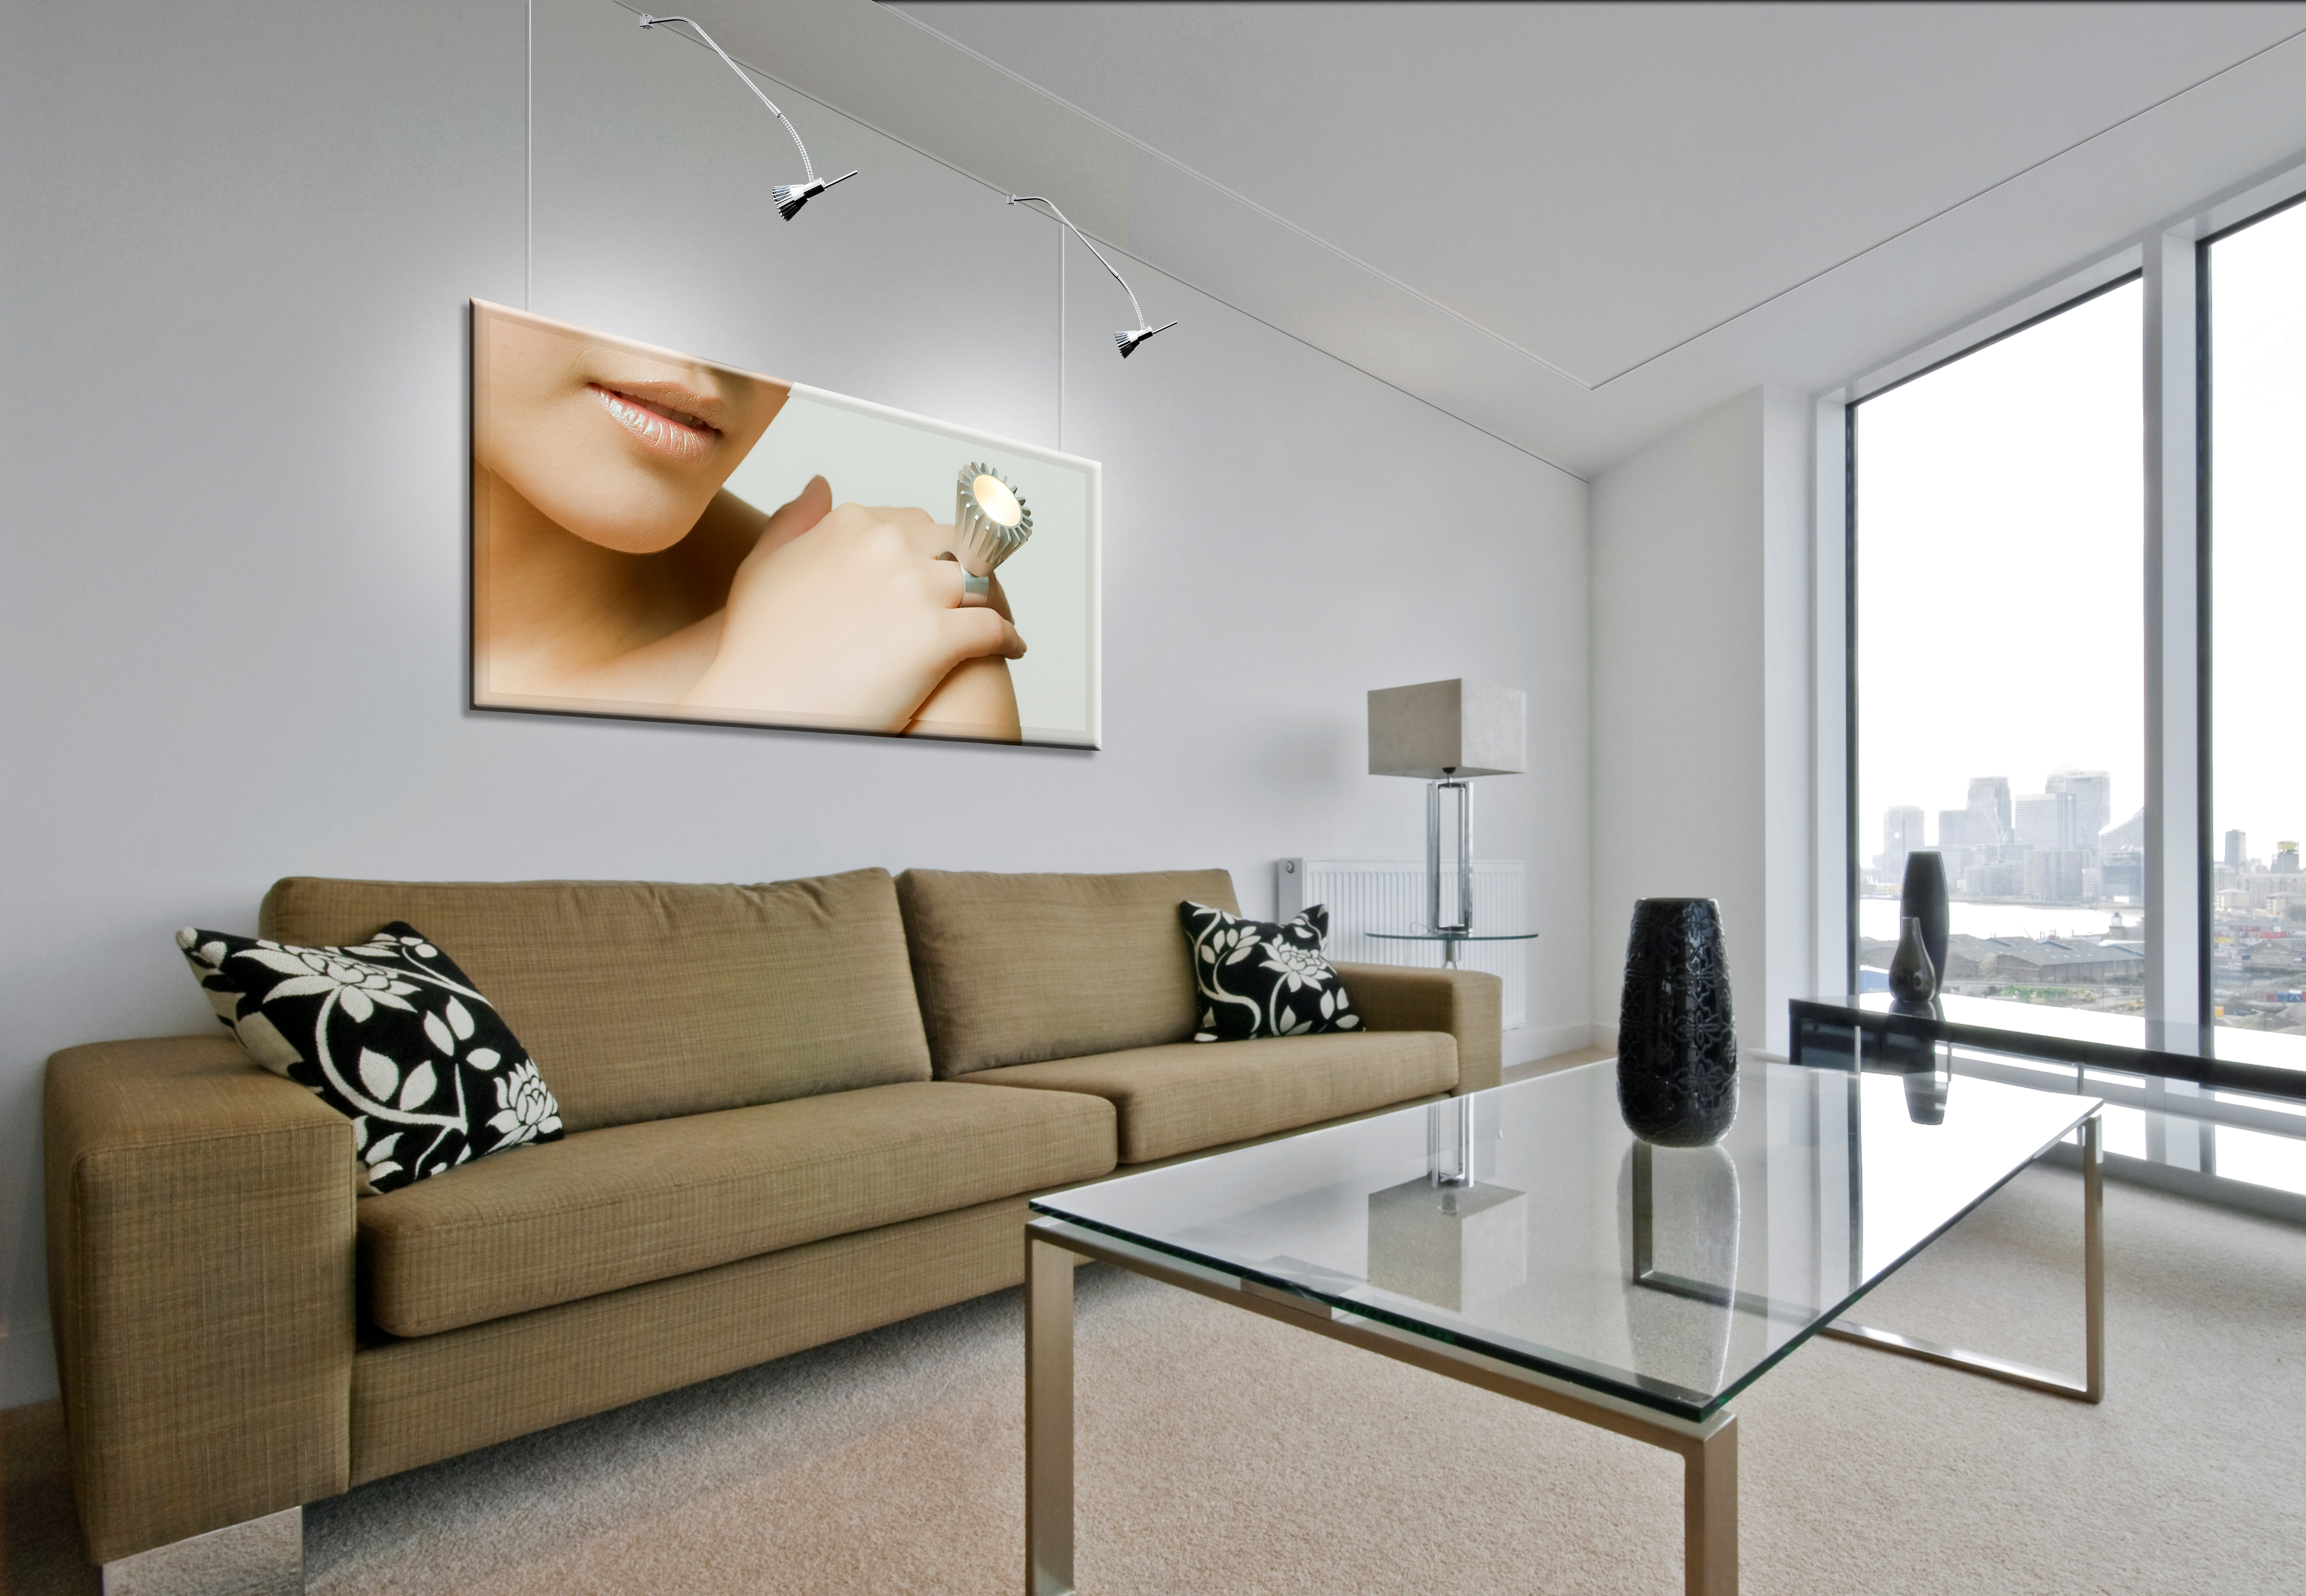 Pareti Gialle Soffitto Bianco: Eseguito sul soffitto e pareti riquadri in gesso con stucco venezia.